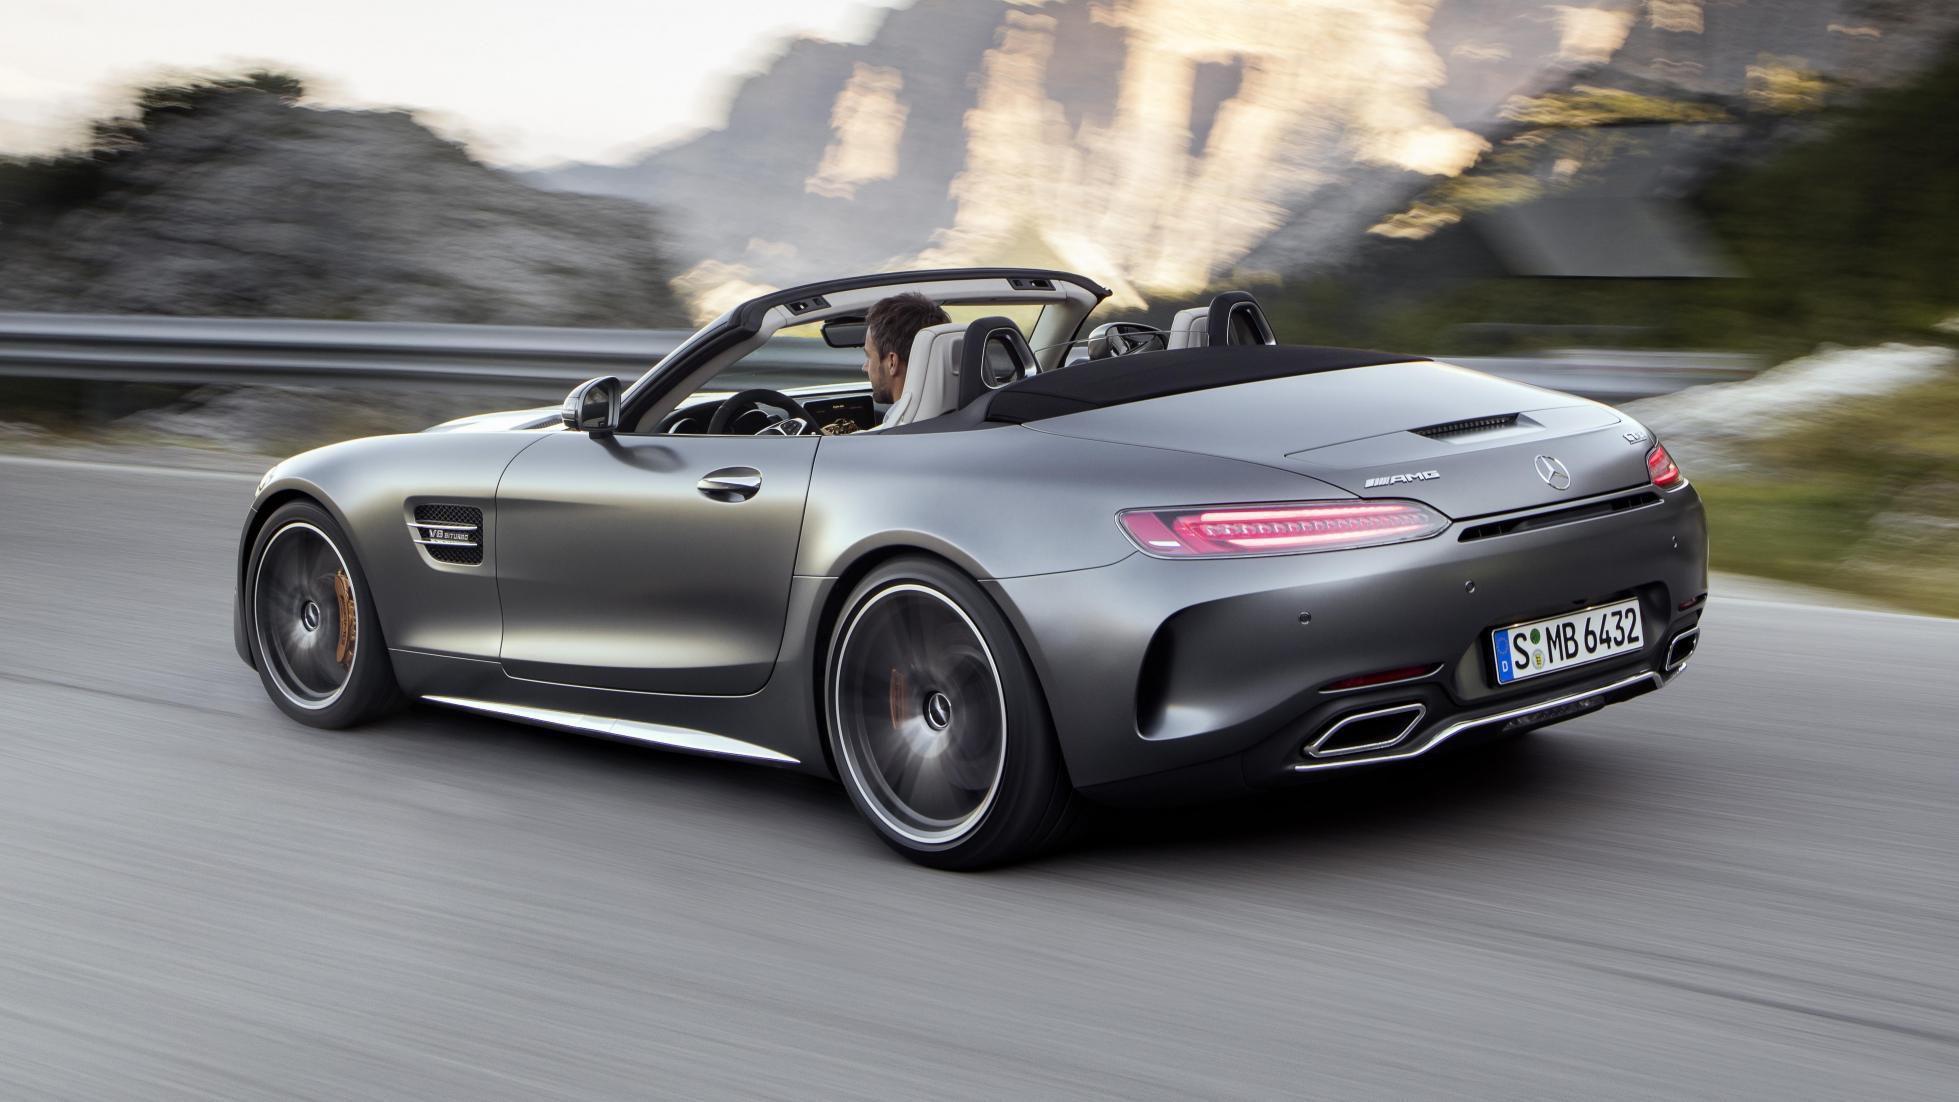 Mercedes Amg Gt Hd